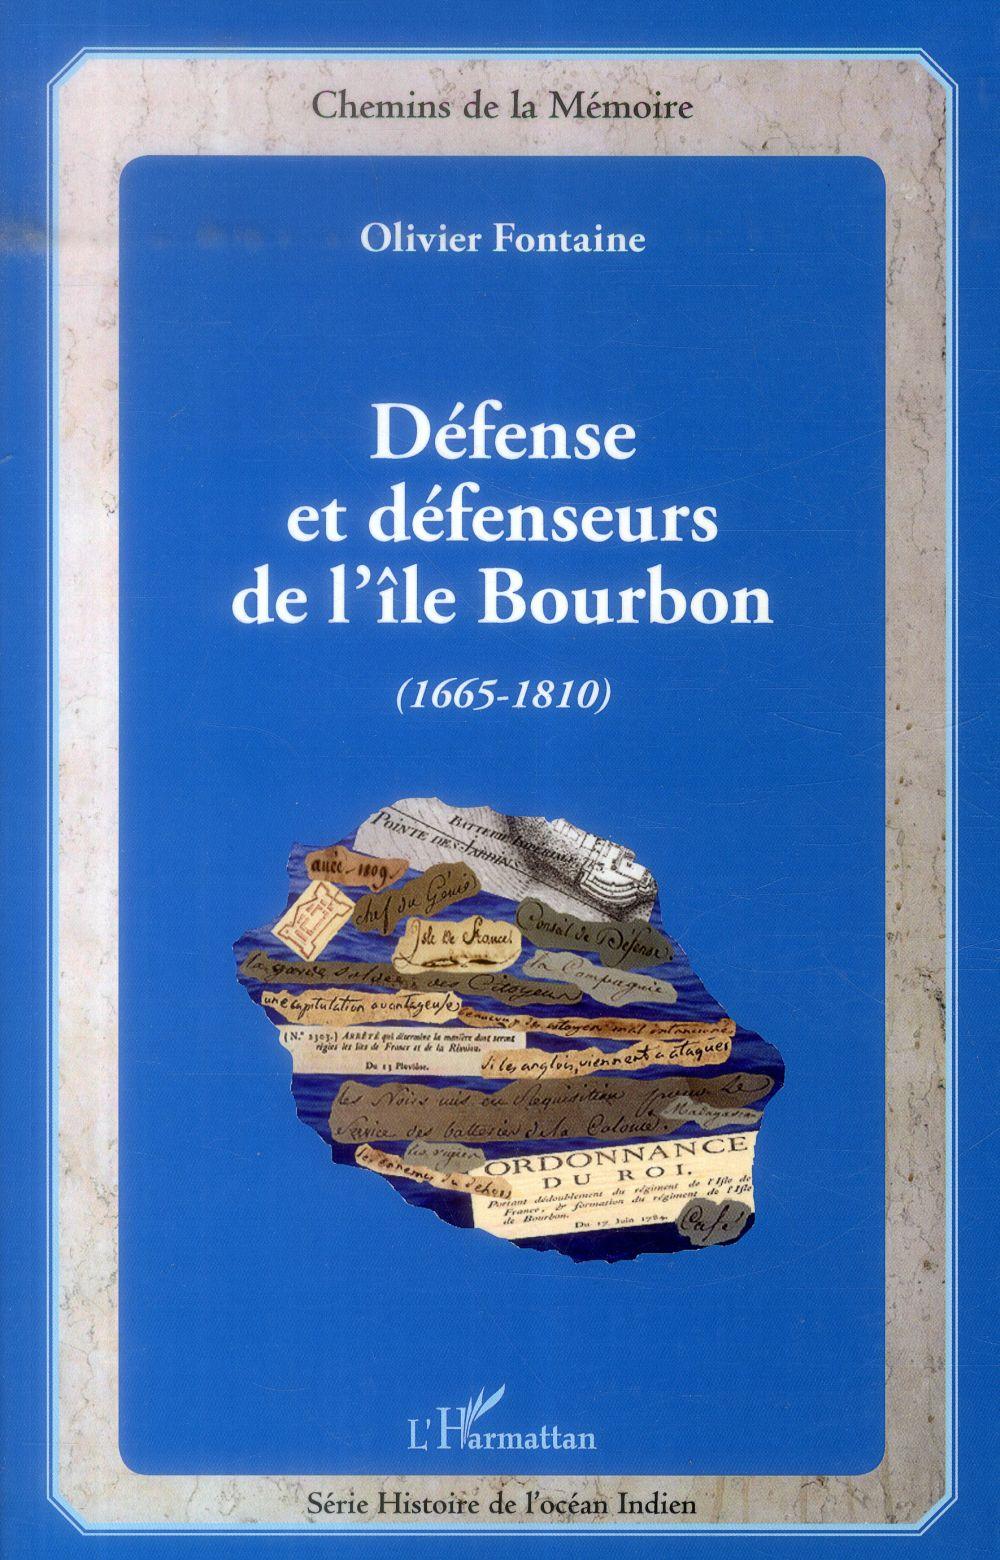 Défense et défenseurs de l'île Bourbon (1665-1810)